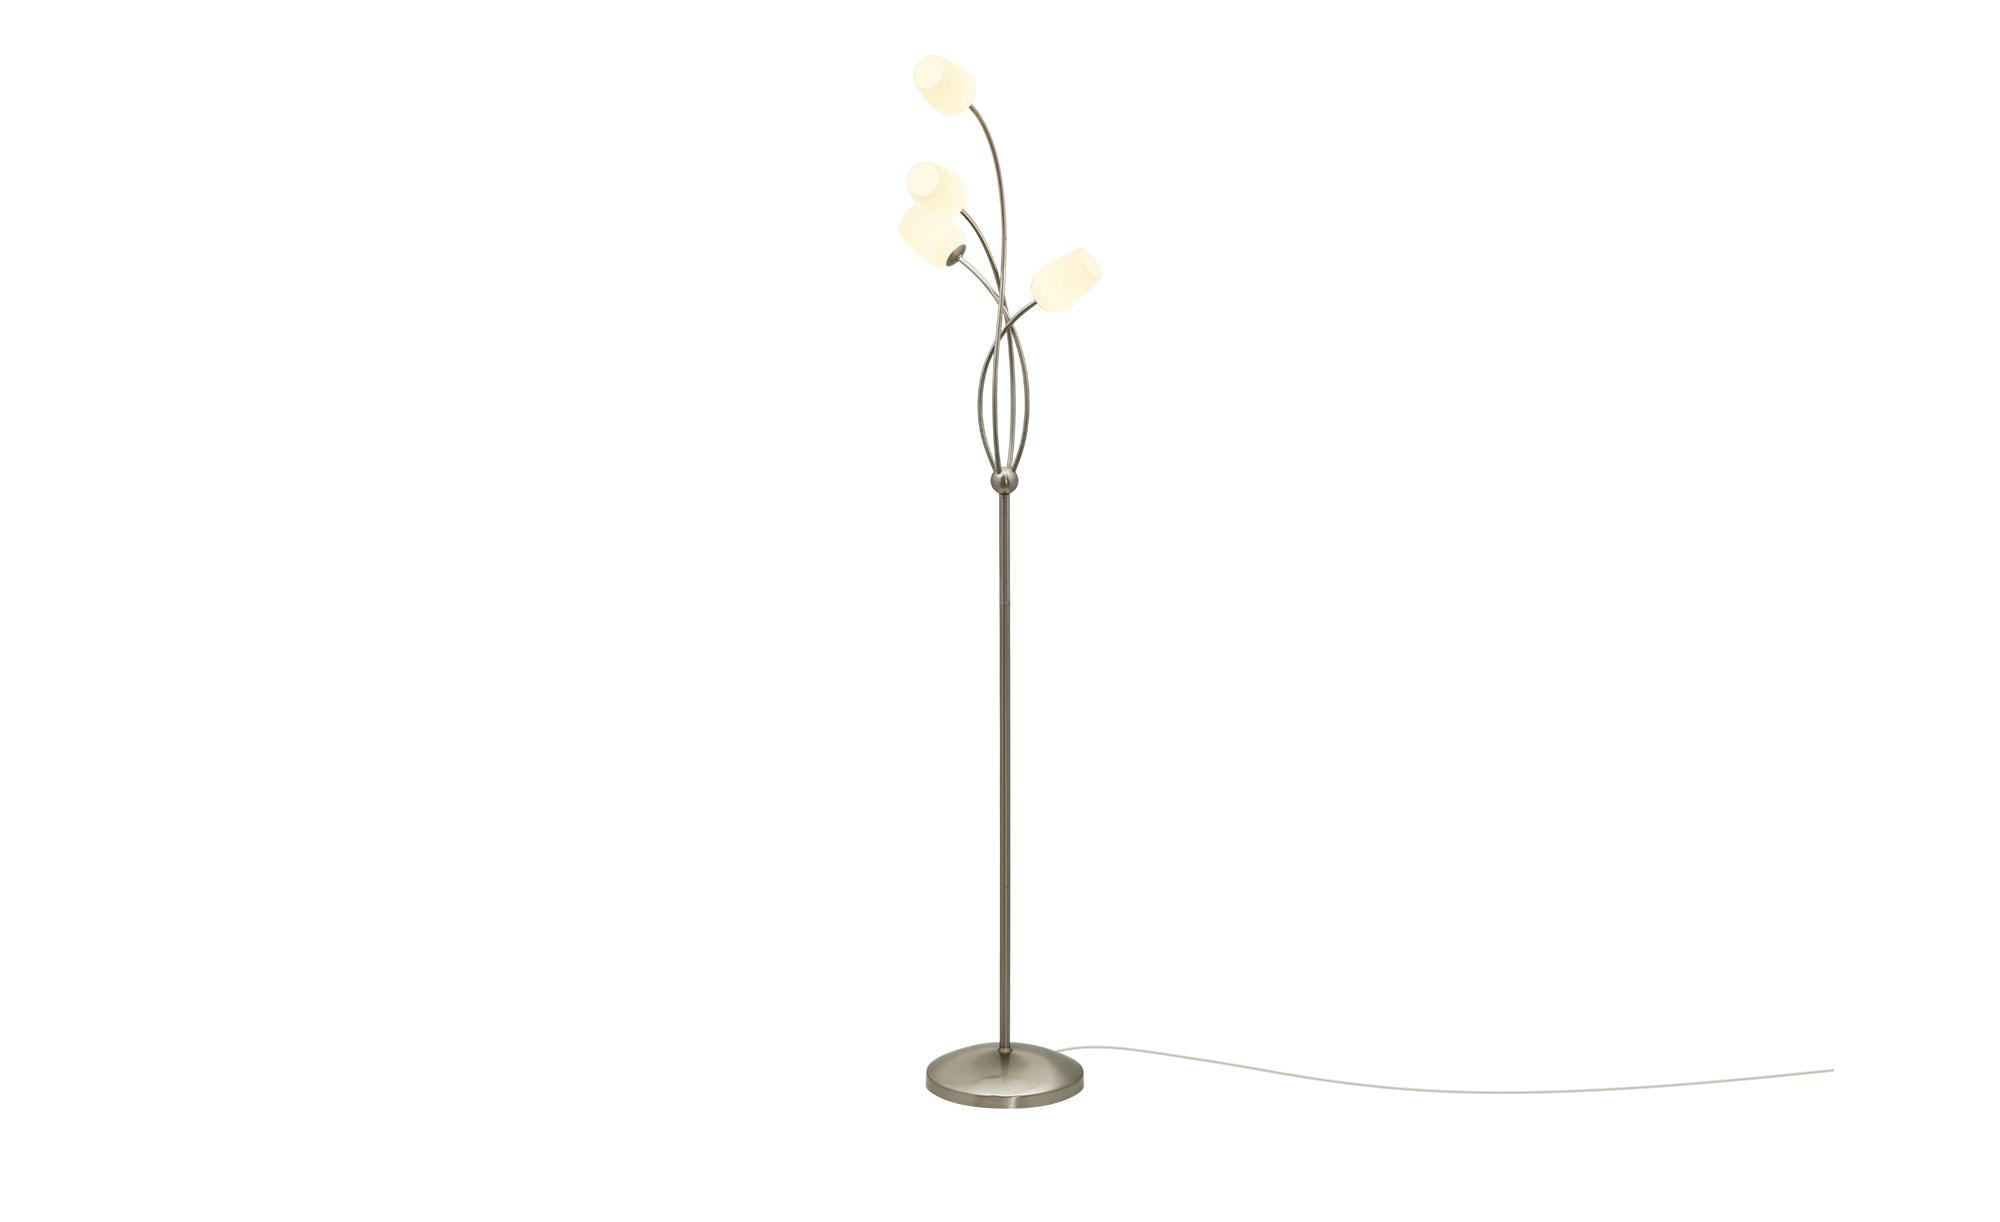 Paul Neuhaus LED-Stehleuchte, Nickel matt, 4-flammig ¦ silber ¦ Maße (cm): B: 26 H: 150 Lampen & Leuchten > Innenleuchten > Stehlampen - Höffner